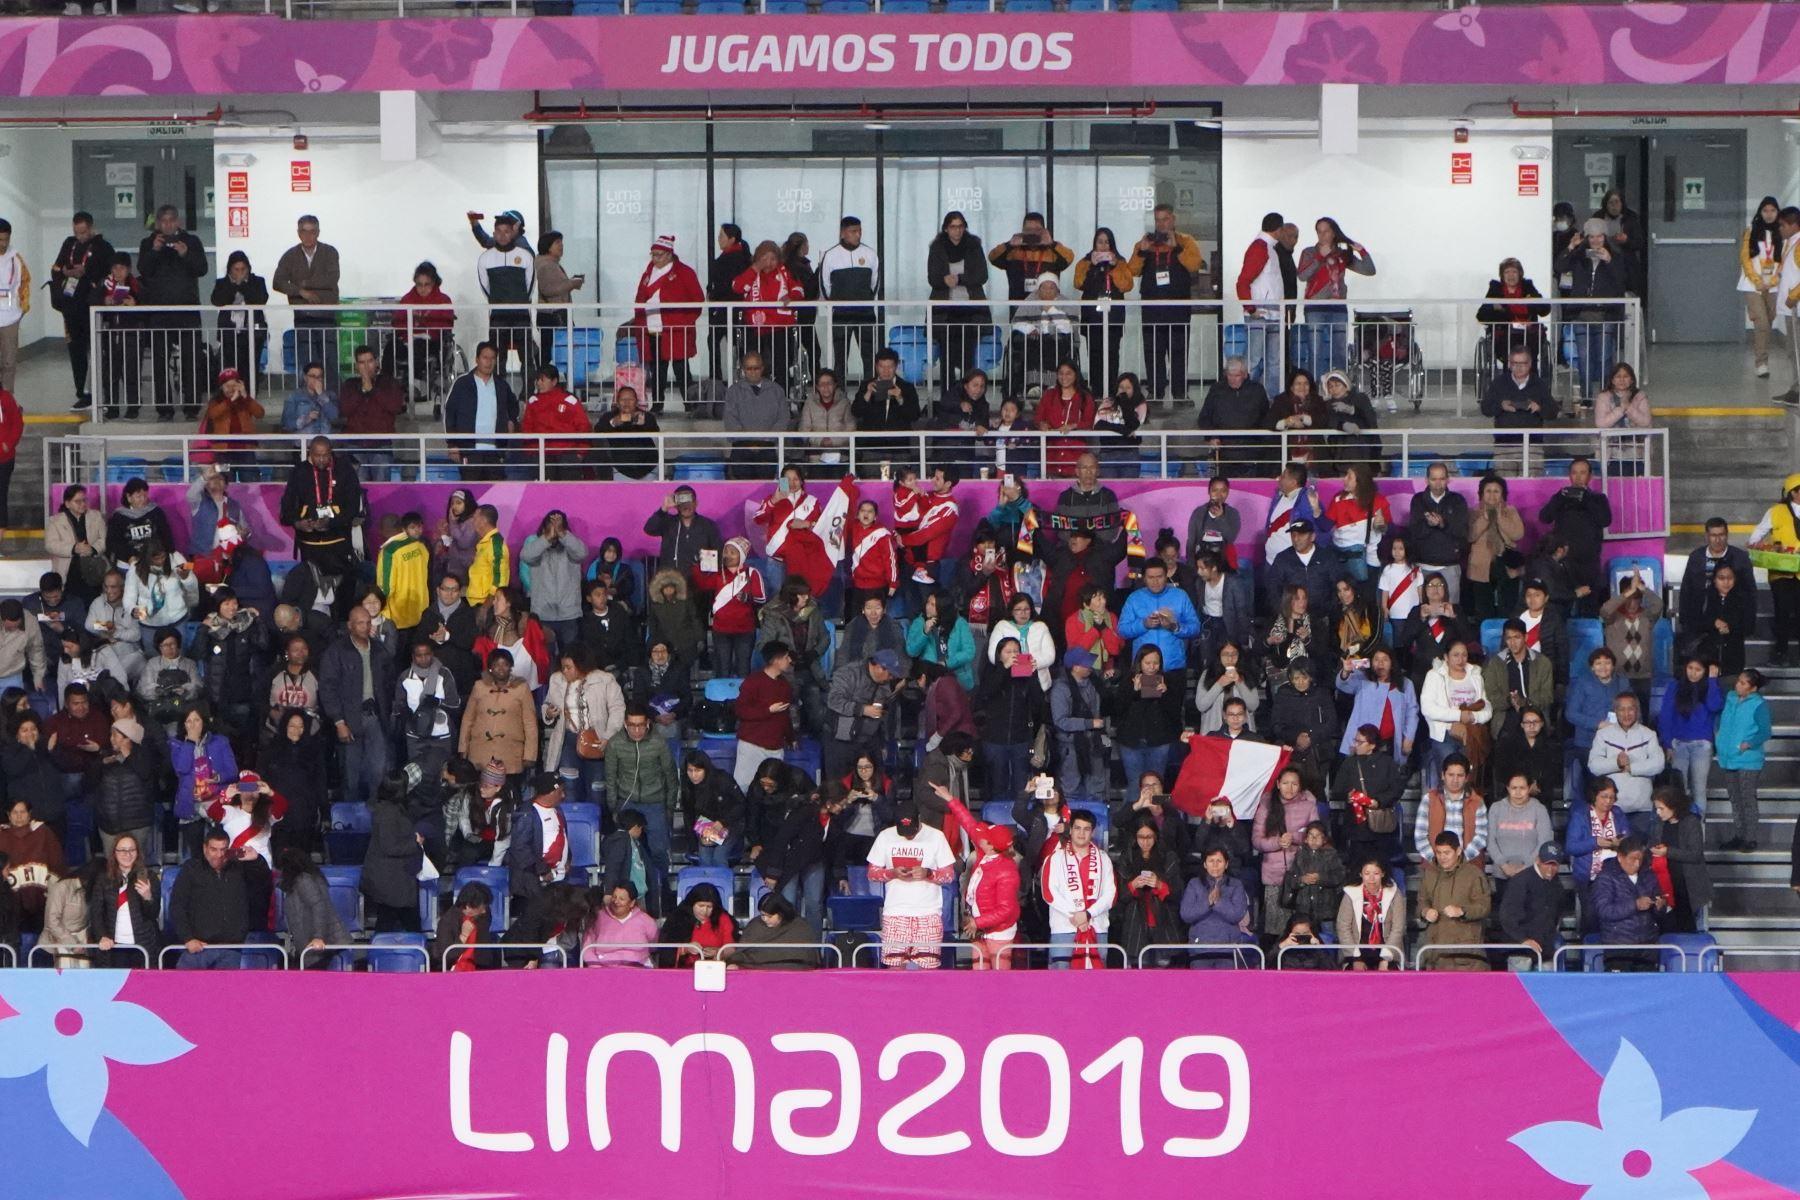 La afición peruana acude de manera masiva a alentar a los paradeportistas nacionales